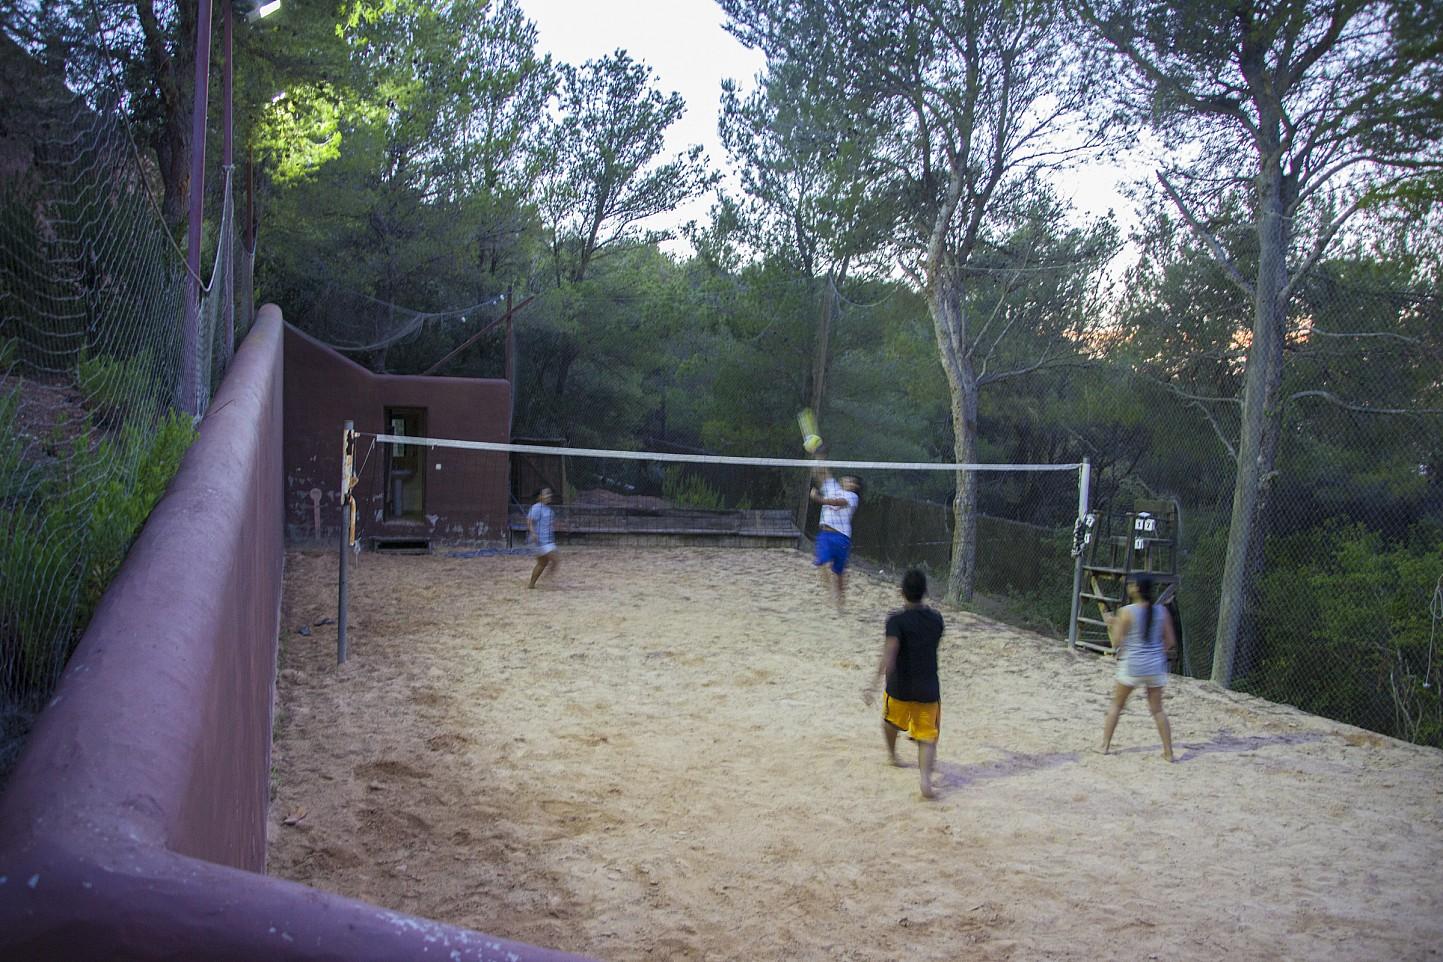 Beach Volleyball Platz